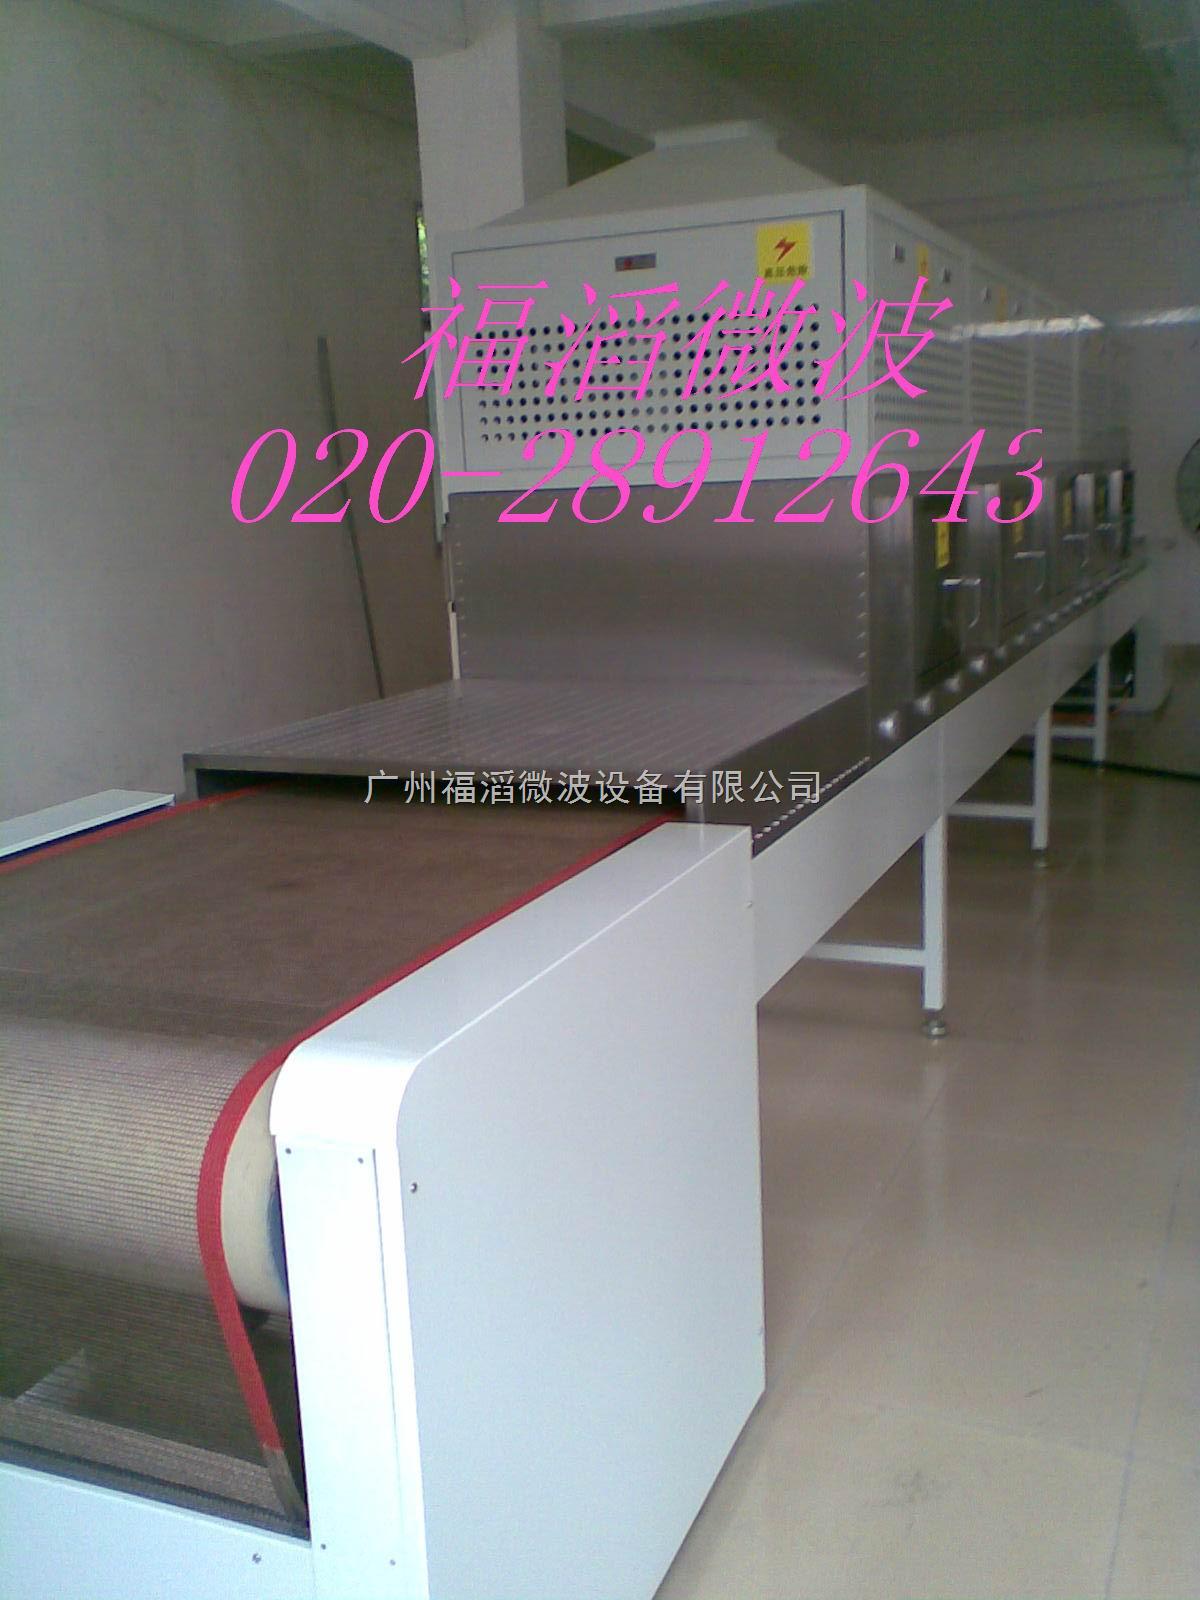 """产品名称:微波通用干燥设备,隧道式微波设备,专业维修微波设备 产品型号:FT—100S 电源输入:三相380±10%,50Hz 输出微波功率:100KW;功率可调 频率:2450MHz±50MHz 外型尺寸(长×宽×高):约18000×1800×2000 mm 开口尺寸:1800×250mm 传输速度:1~10m/min(变频调速) 提水效率:每小时约100公斤 """"微波烘干机"""",&l"""